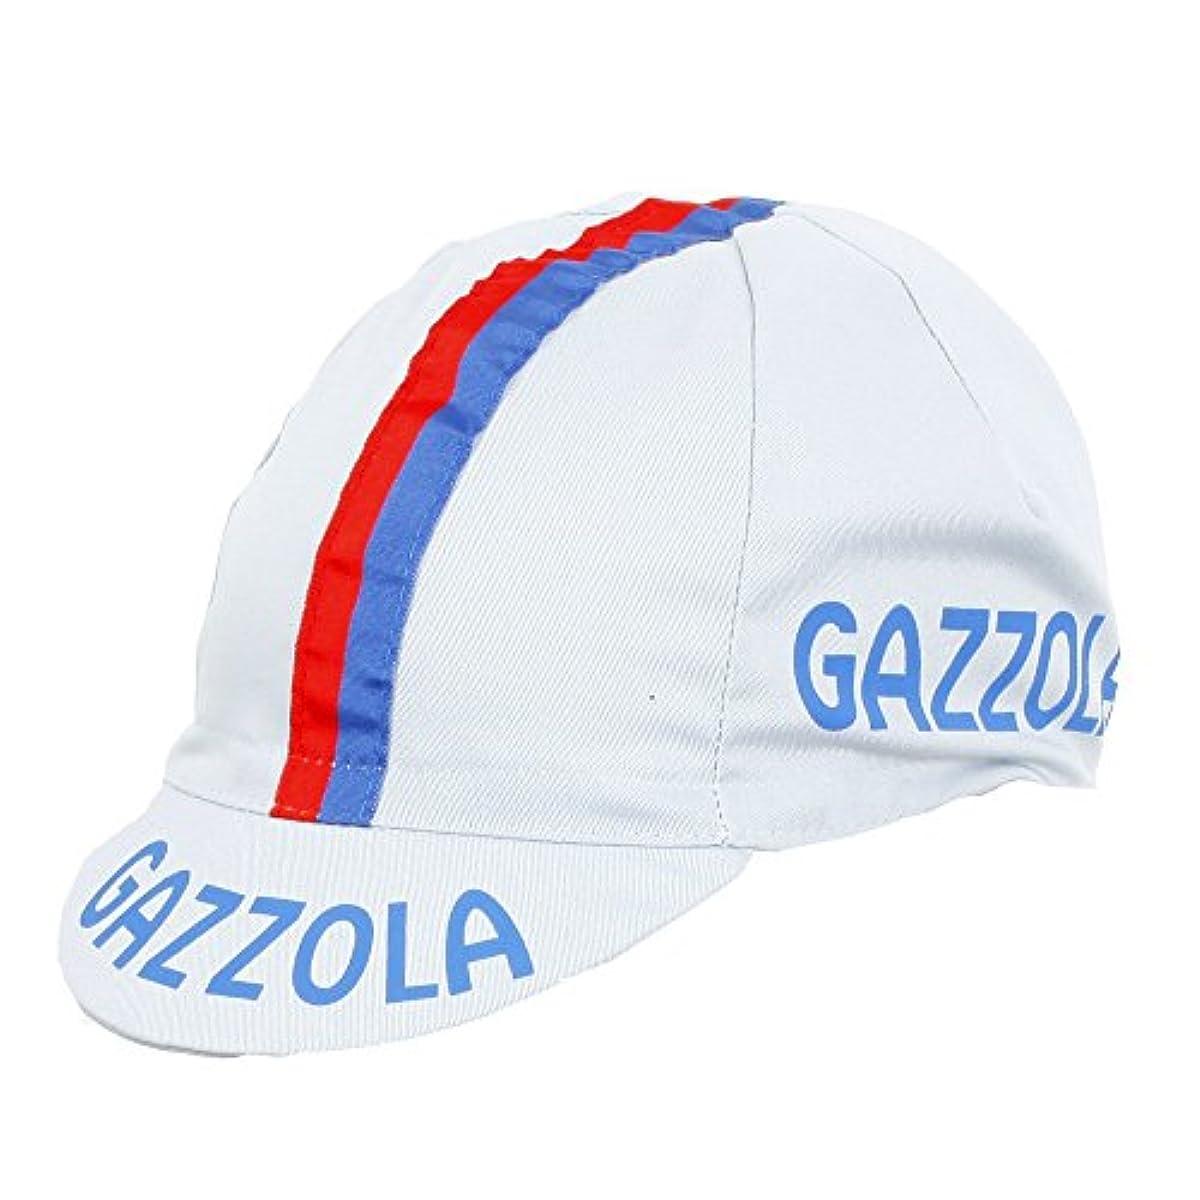 略奪方程式たとえAPIS(アピス) GAZZOLA クラシックサイクルキャップ